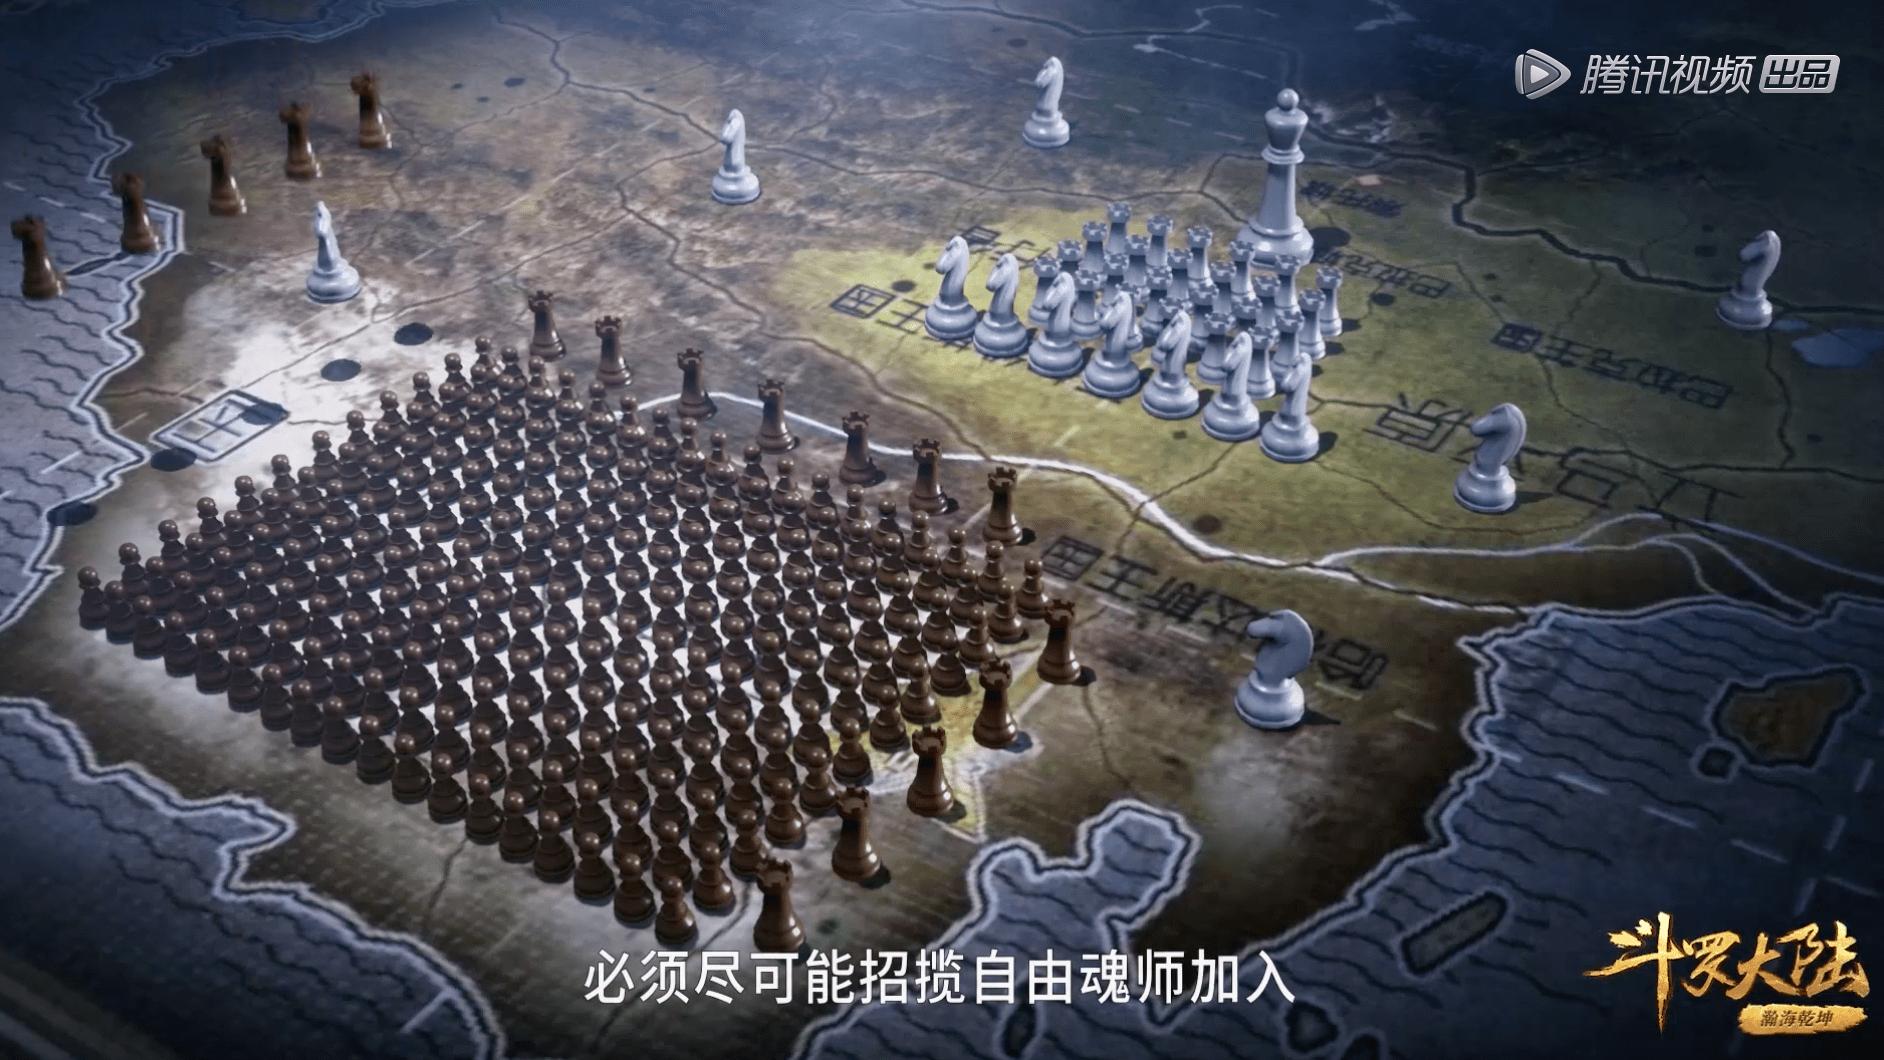 北京:七旬老人爬野山迷路,民警苦寻8小时